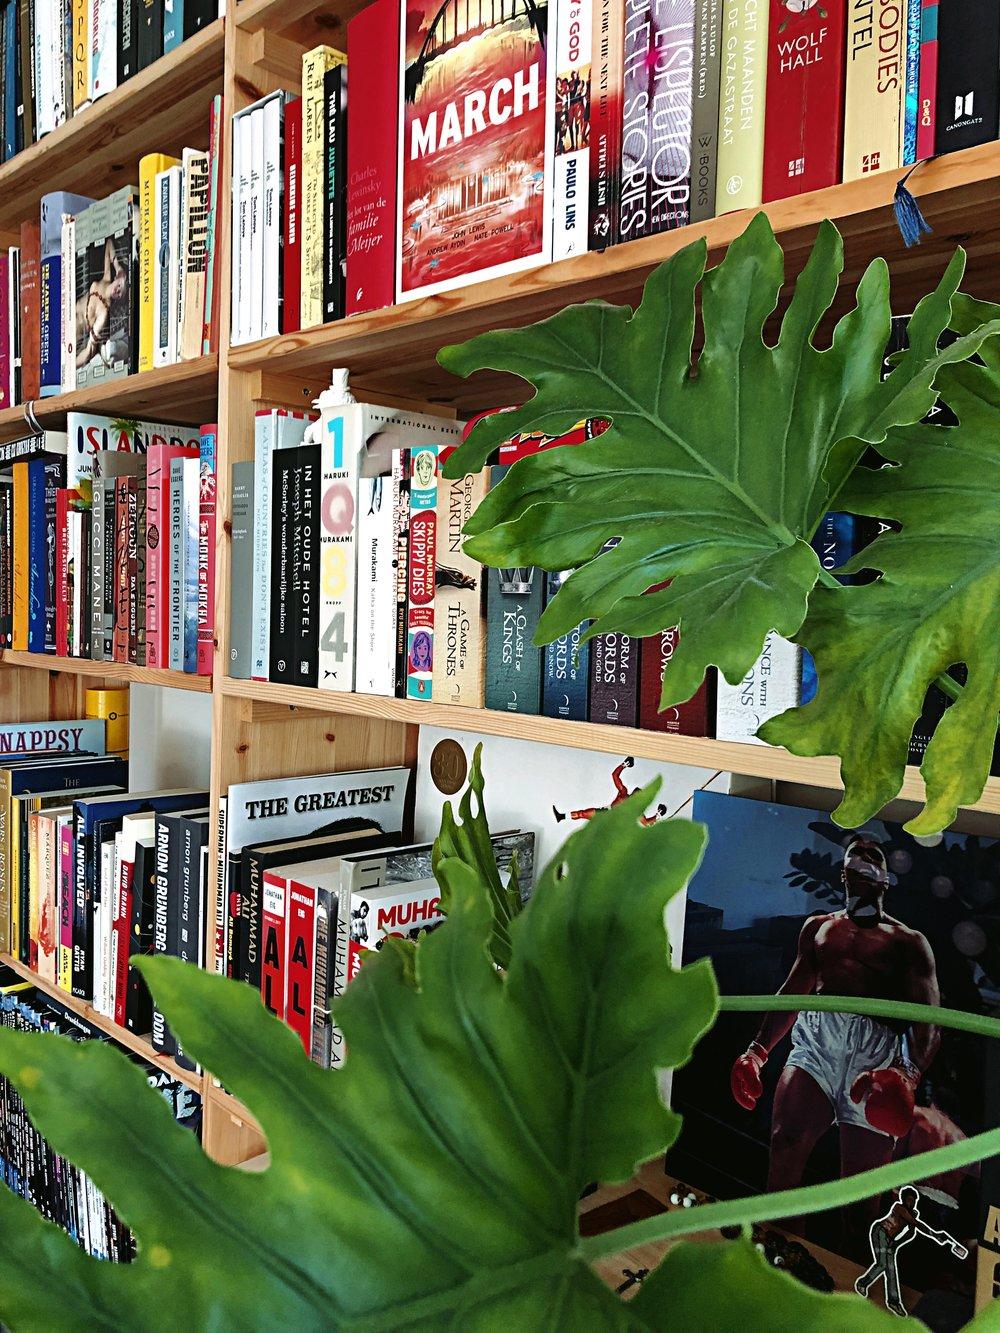 - Met literair agent Stijn kun je twee uur lang over boeken praten en uiteindelijk nog steeds tijd tekort komen om alle literaire onderwerpen aan te snijden. Hij geeft de beste boekentips op zijn Instagram en heeft schrijvers Dave Eggers en David Sedaris meerdere keren gezien. Dit keer: Lees een boek met Stijn de Vries.